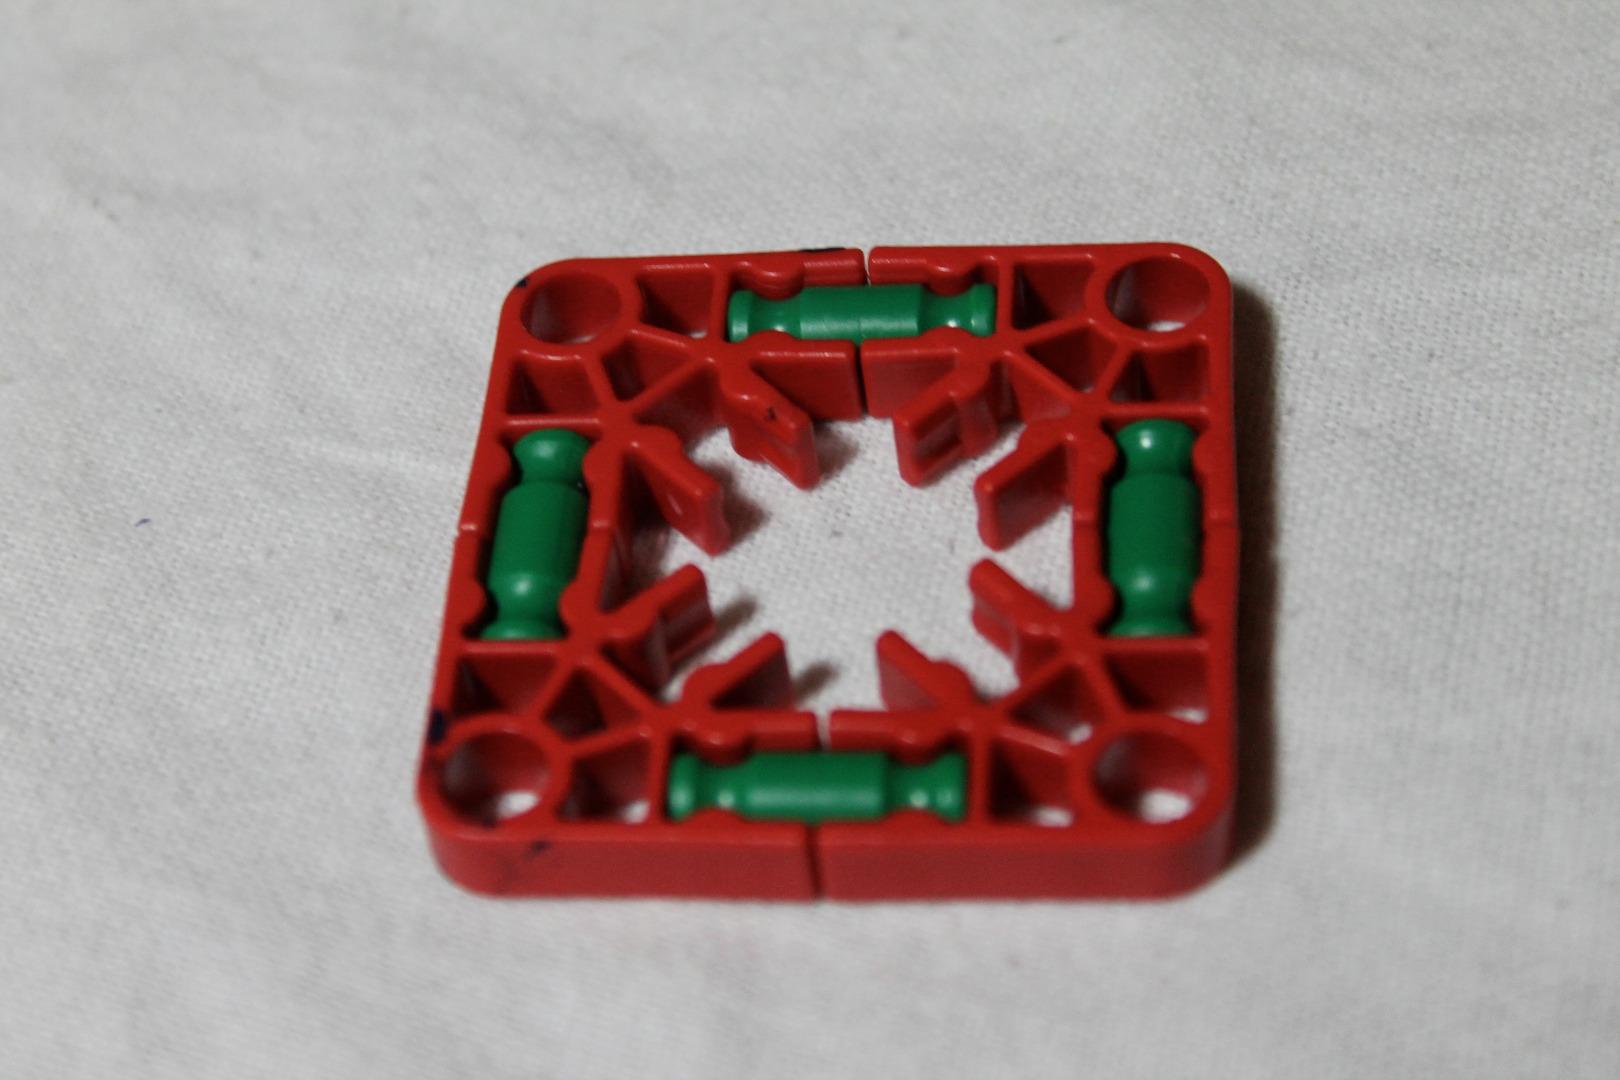 Picture of Egg Spinner (AKA Egg Base) Part 1